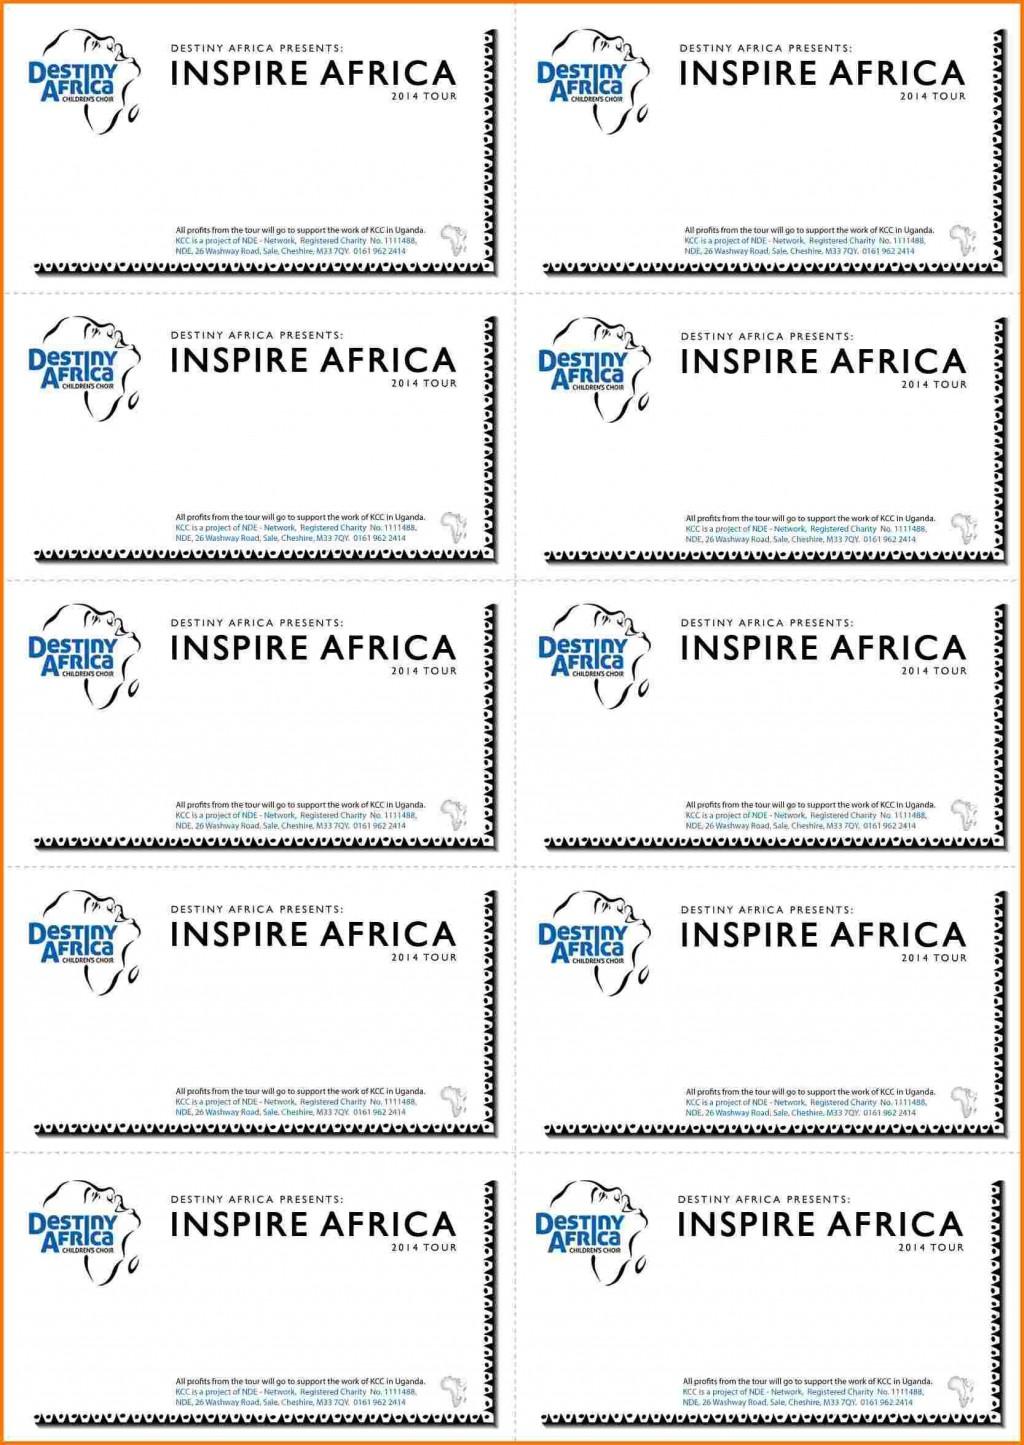 002 Wonderful Word Raffle Ticket Template Idea  2010 Free Printable MicrosoftLarge